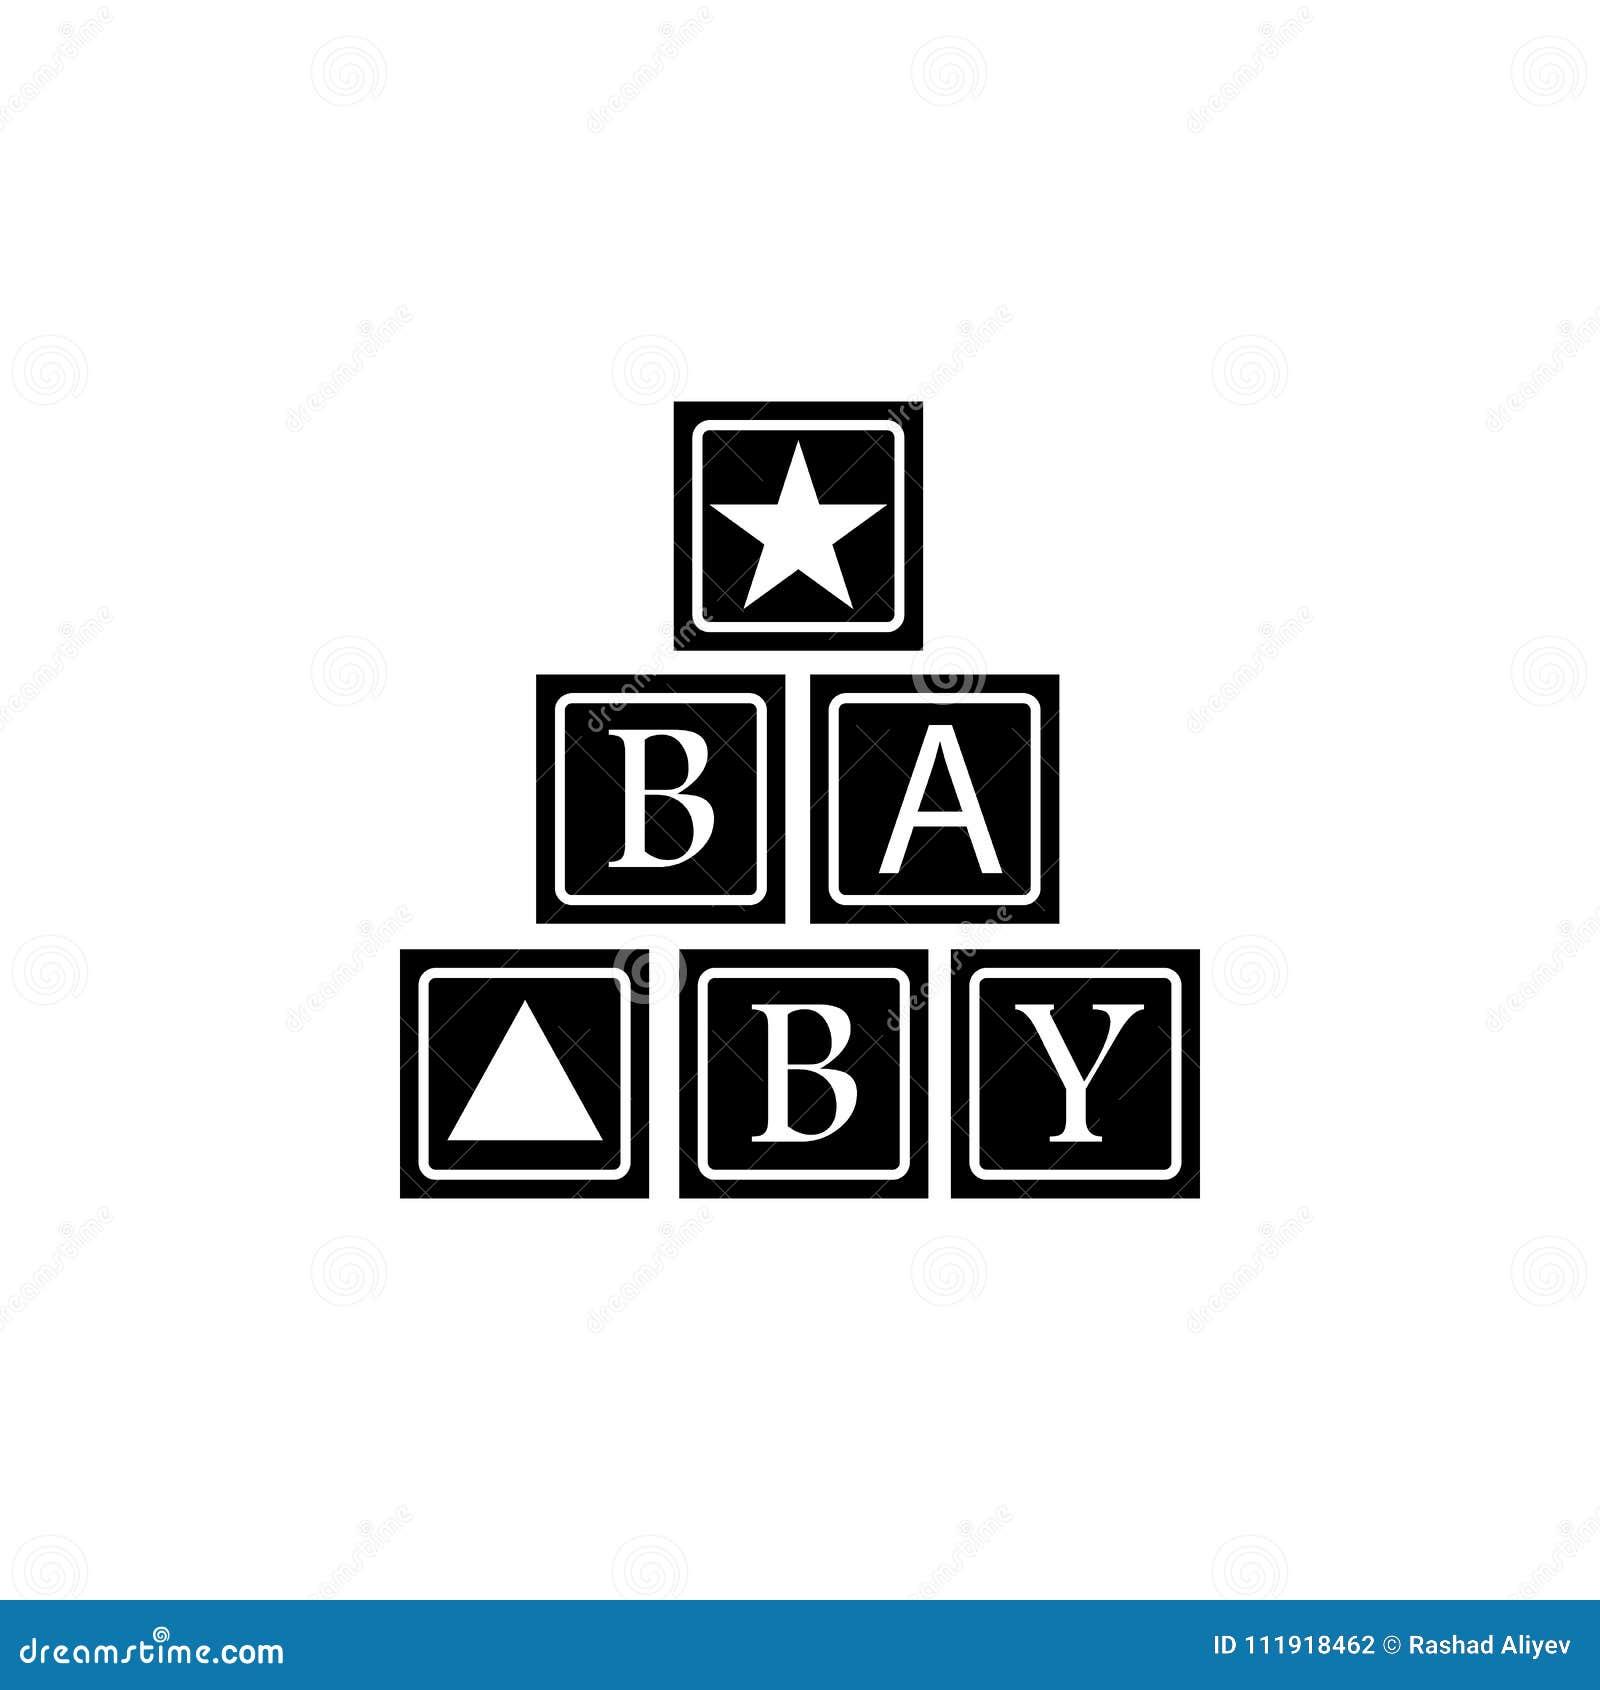 Alphabetic Cubes Icon Element Of Baby Icon Premium Quality Graphic